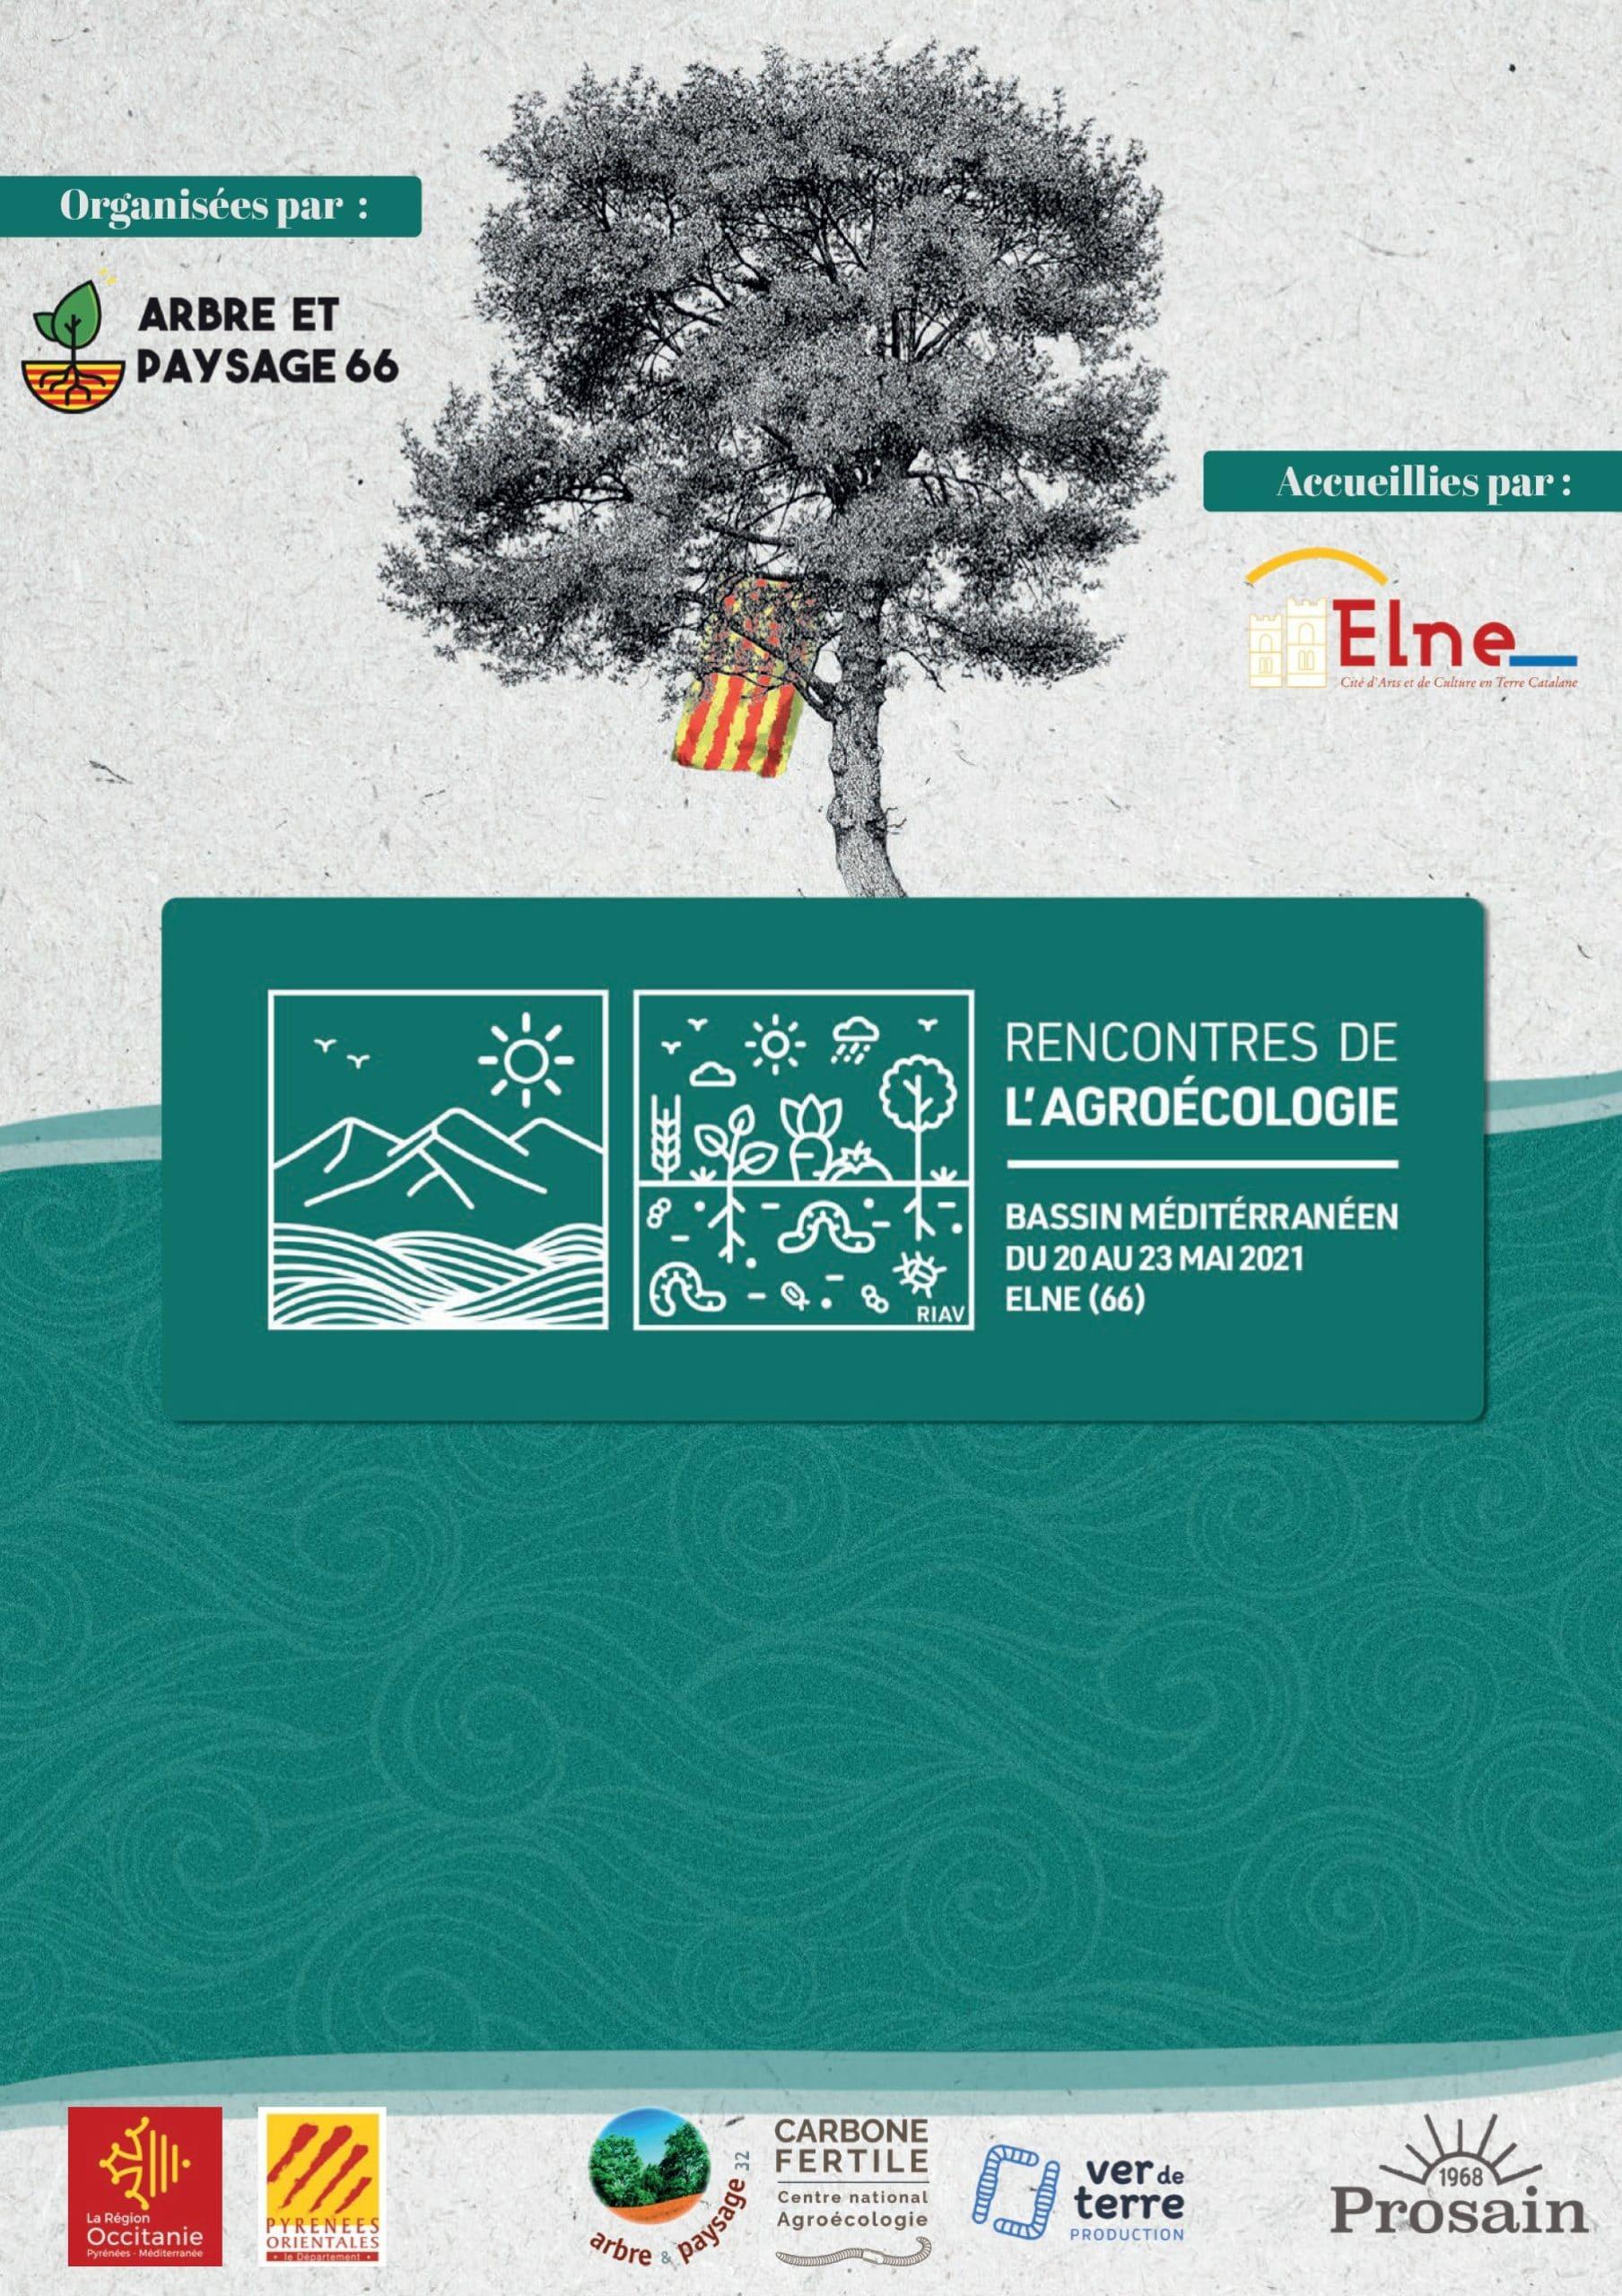 Du 20 au 32 mai à Elne dans les Pyrénées orientales (66), l'association Arbre et Paysage 66 et ses partenaires organisent trois jours de rencontres agronomiques dédiées à l'agroécologie.